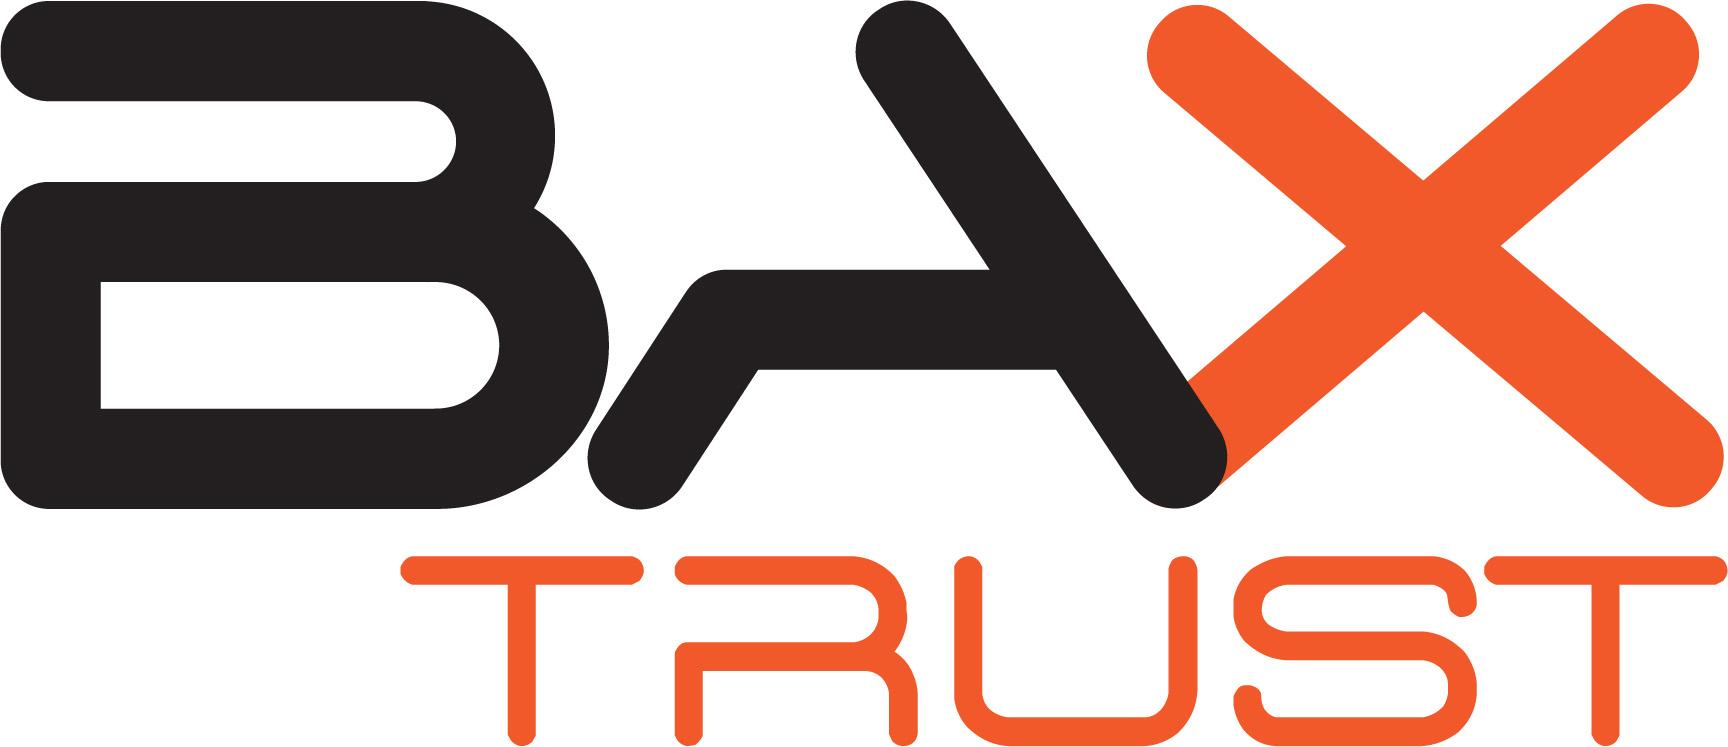 Bax trust